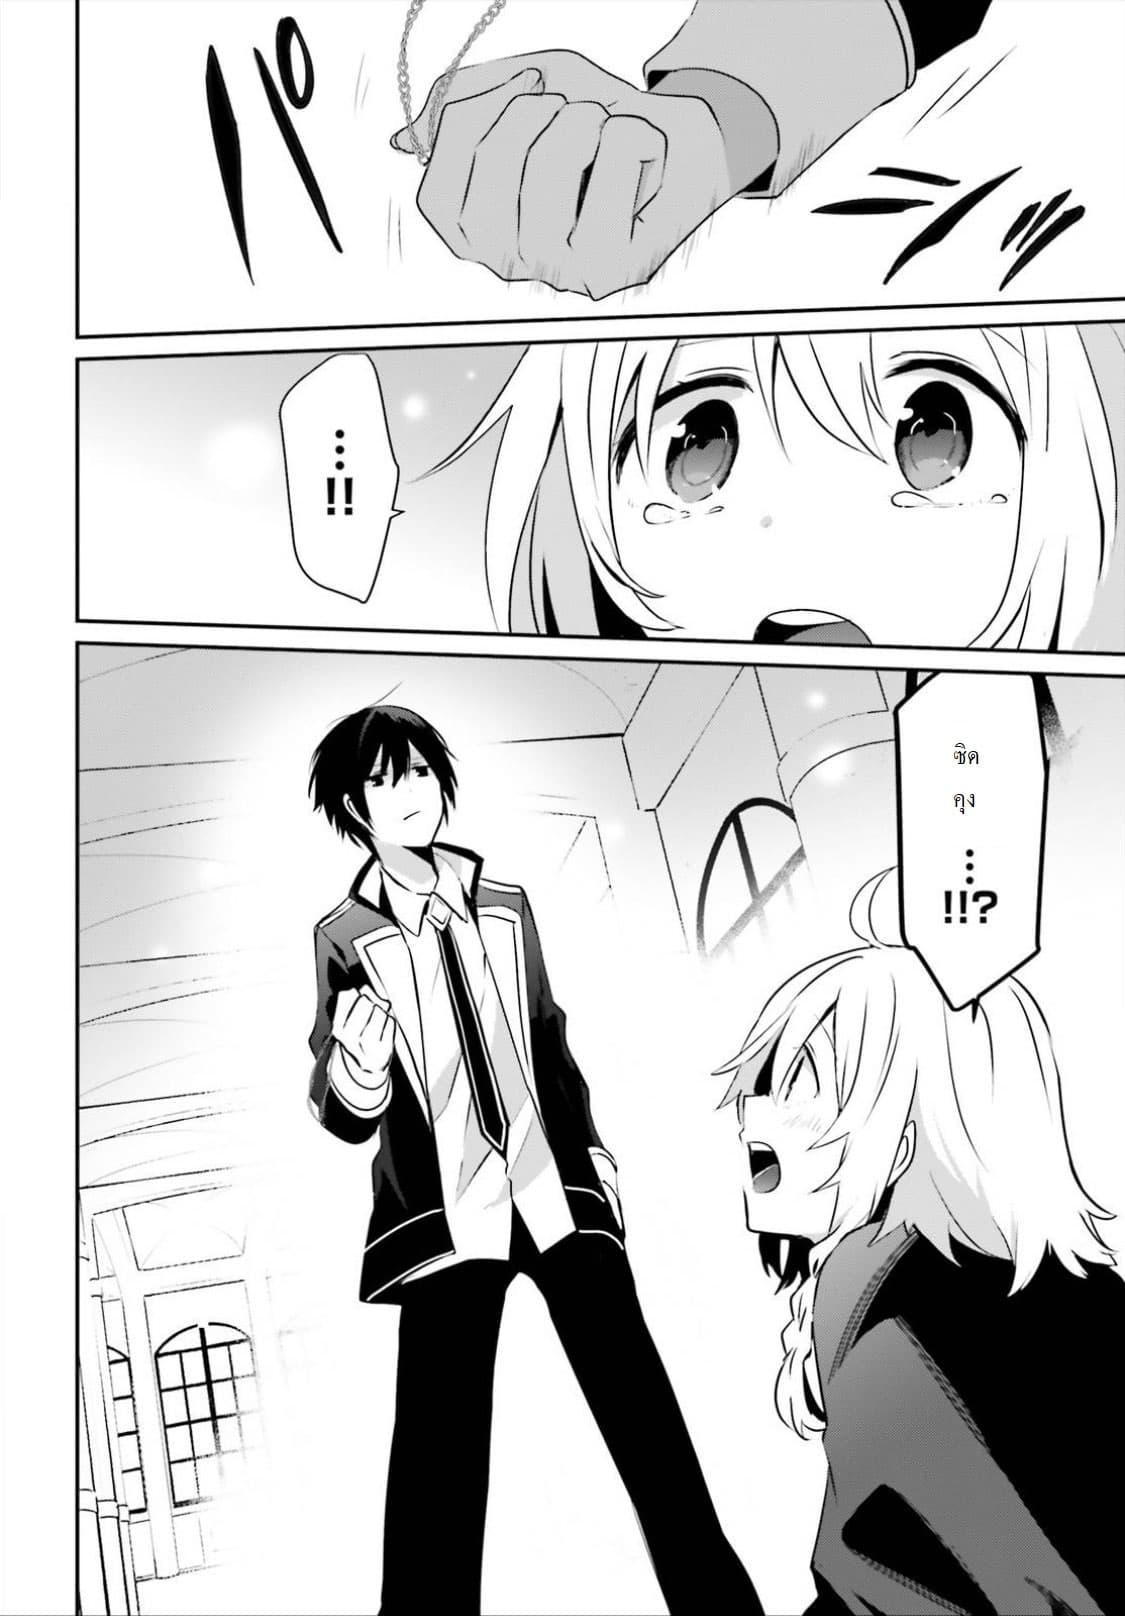 อ่านการ์ตูน Kage no Jitsuryokusha ni Naritakute! ตอนที่ 11 หน้าที่ 10